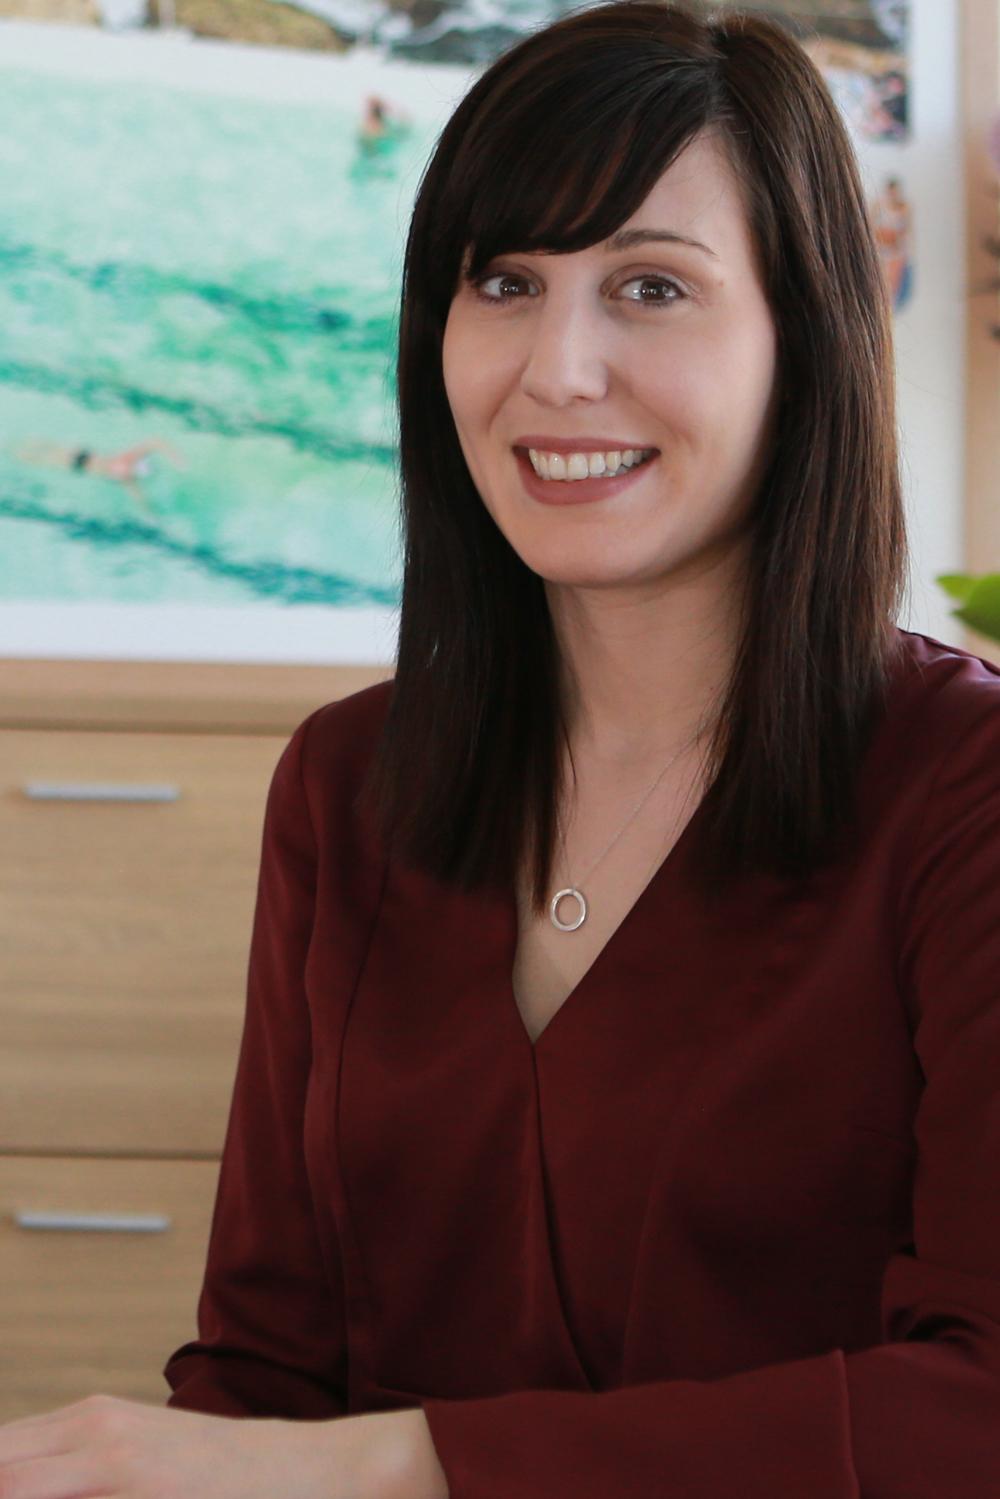 Natasha Russo